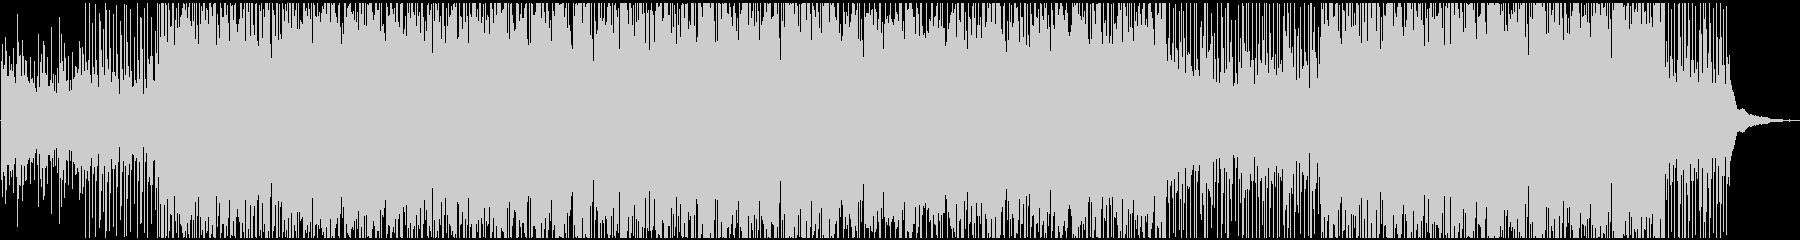 切ない雰囲気のトロピカルハウスピアノの未再生の波形